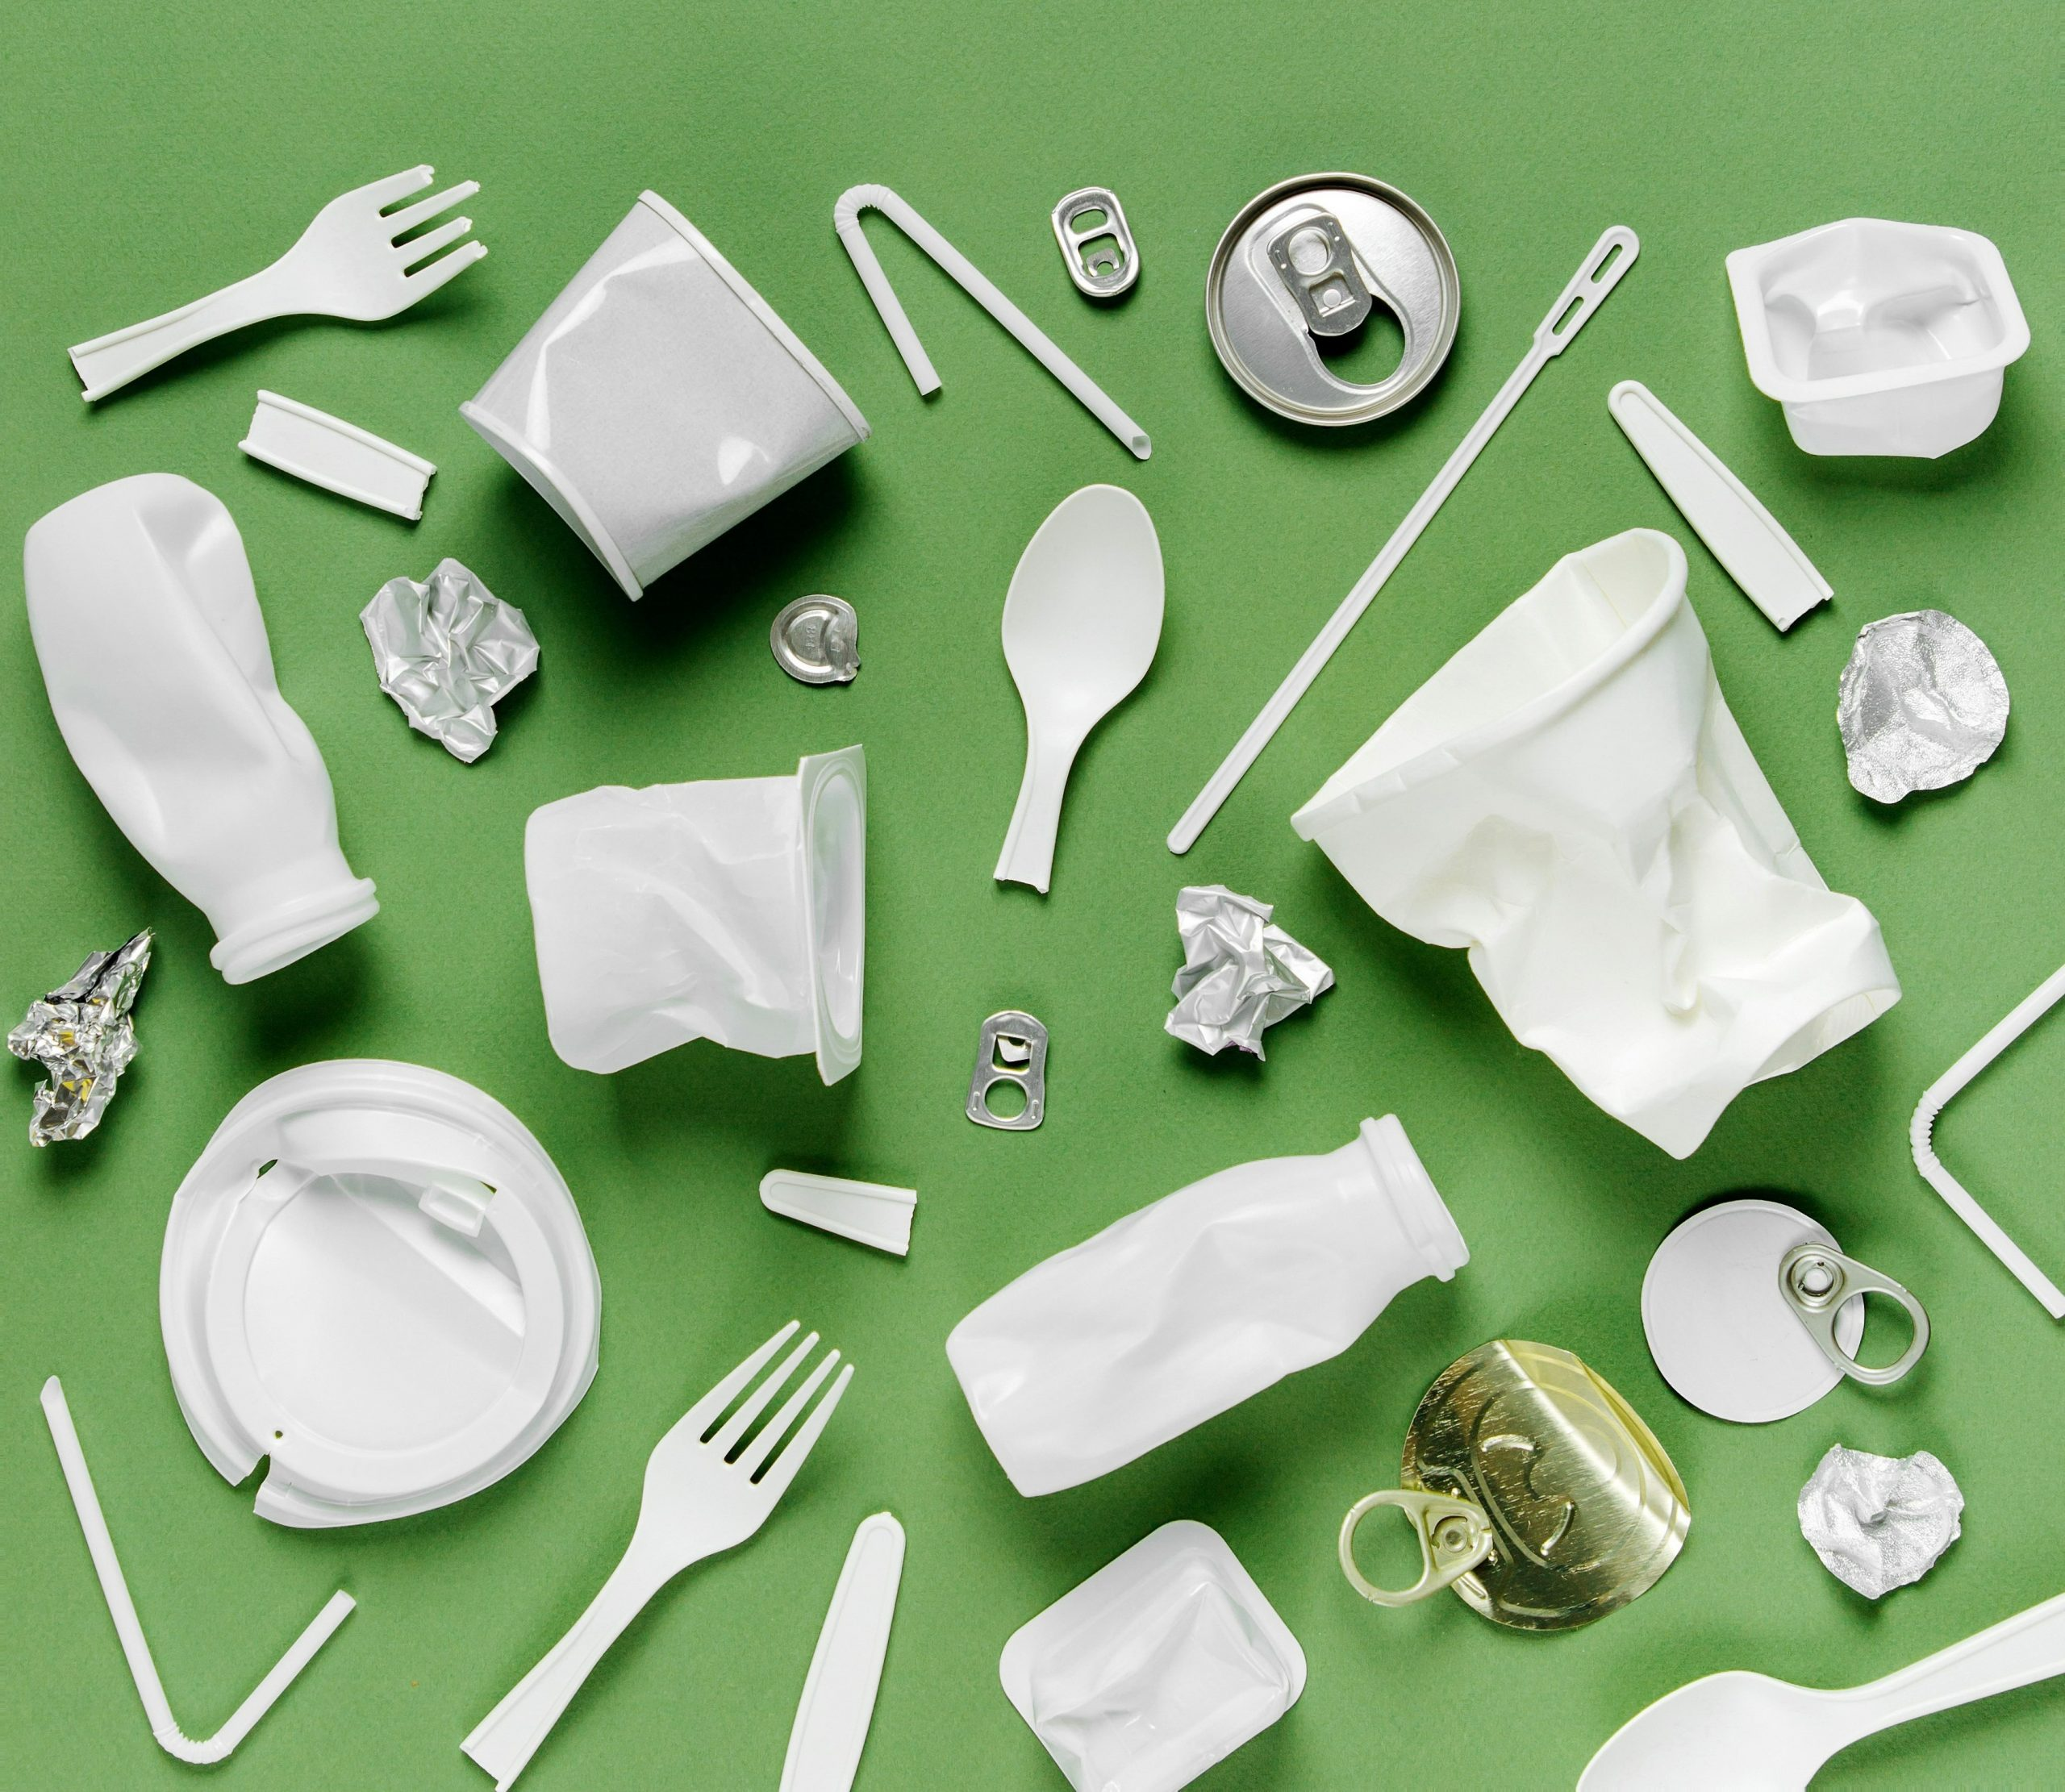 Πλαστικά μίας χρήσης και περιορισμός τους από 03 Ιουλίου 2021